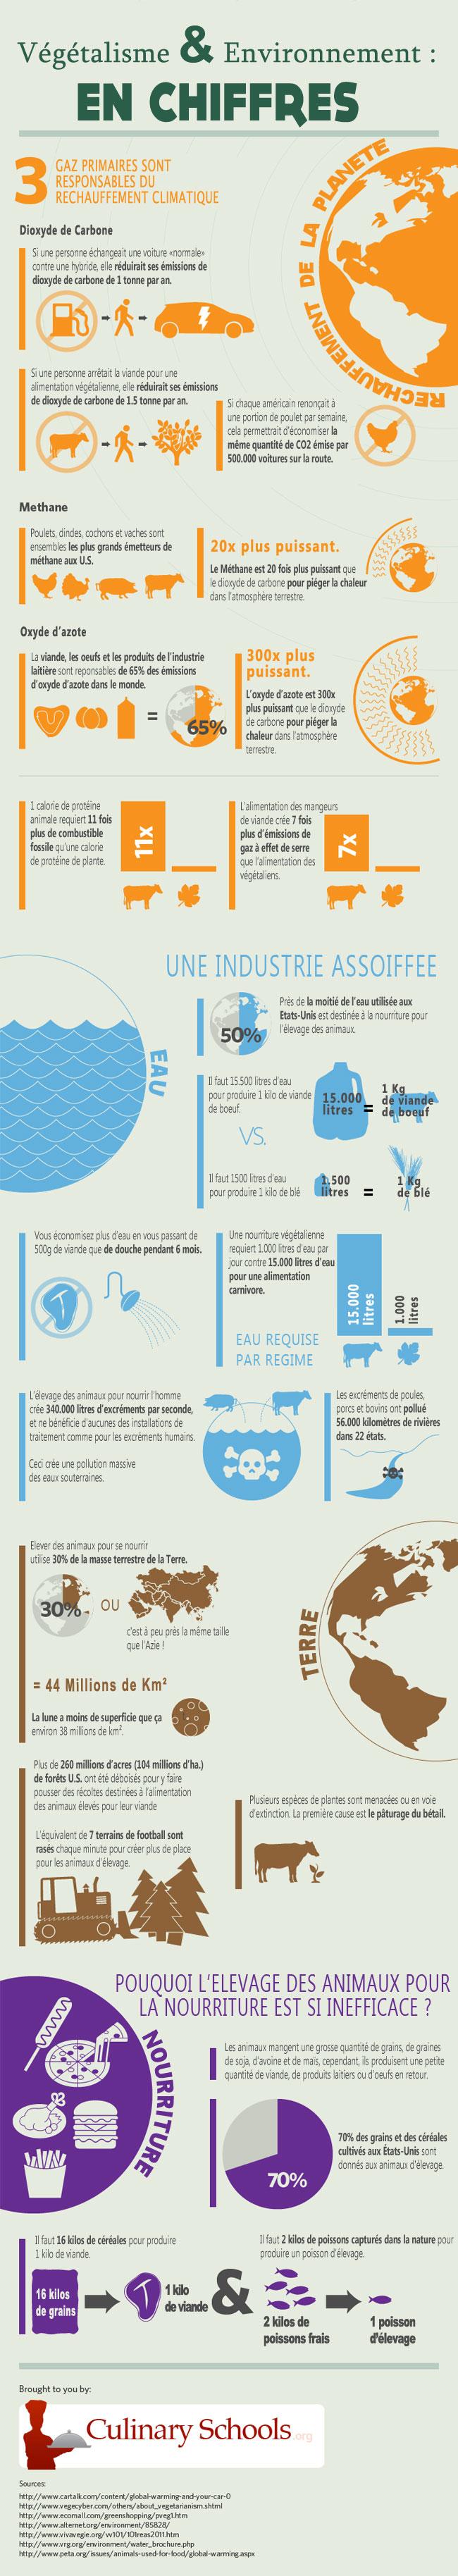 Végétalisme et environnement en chiffres